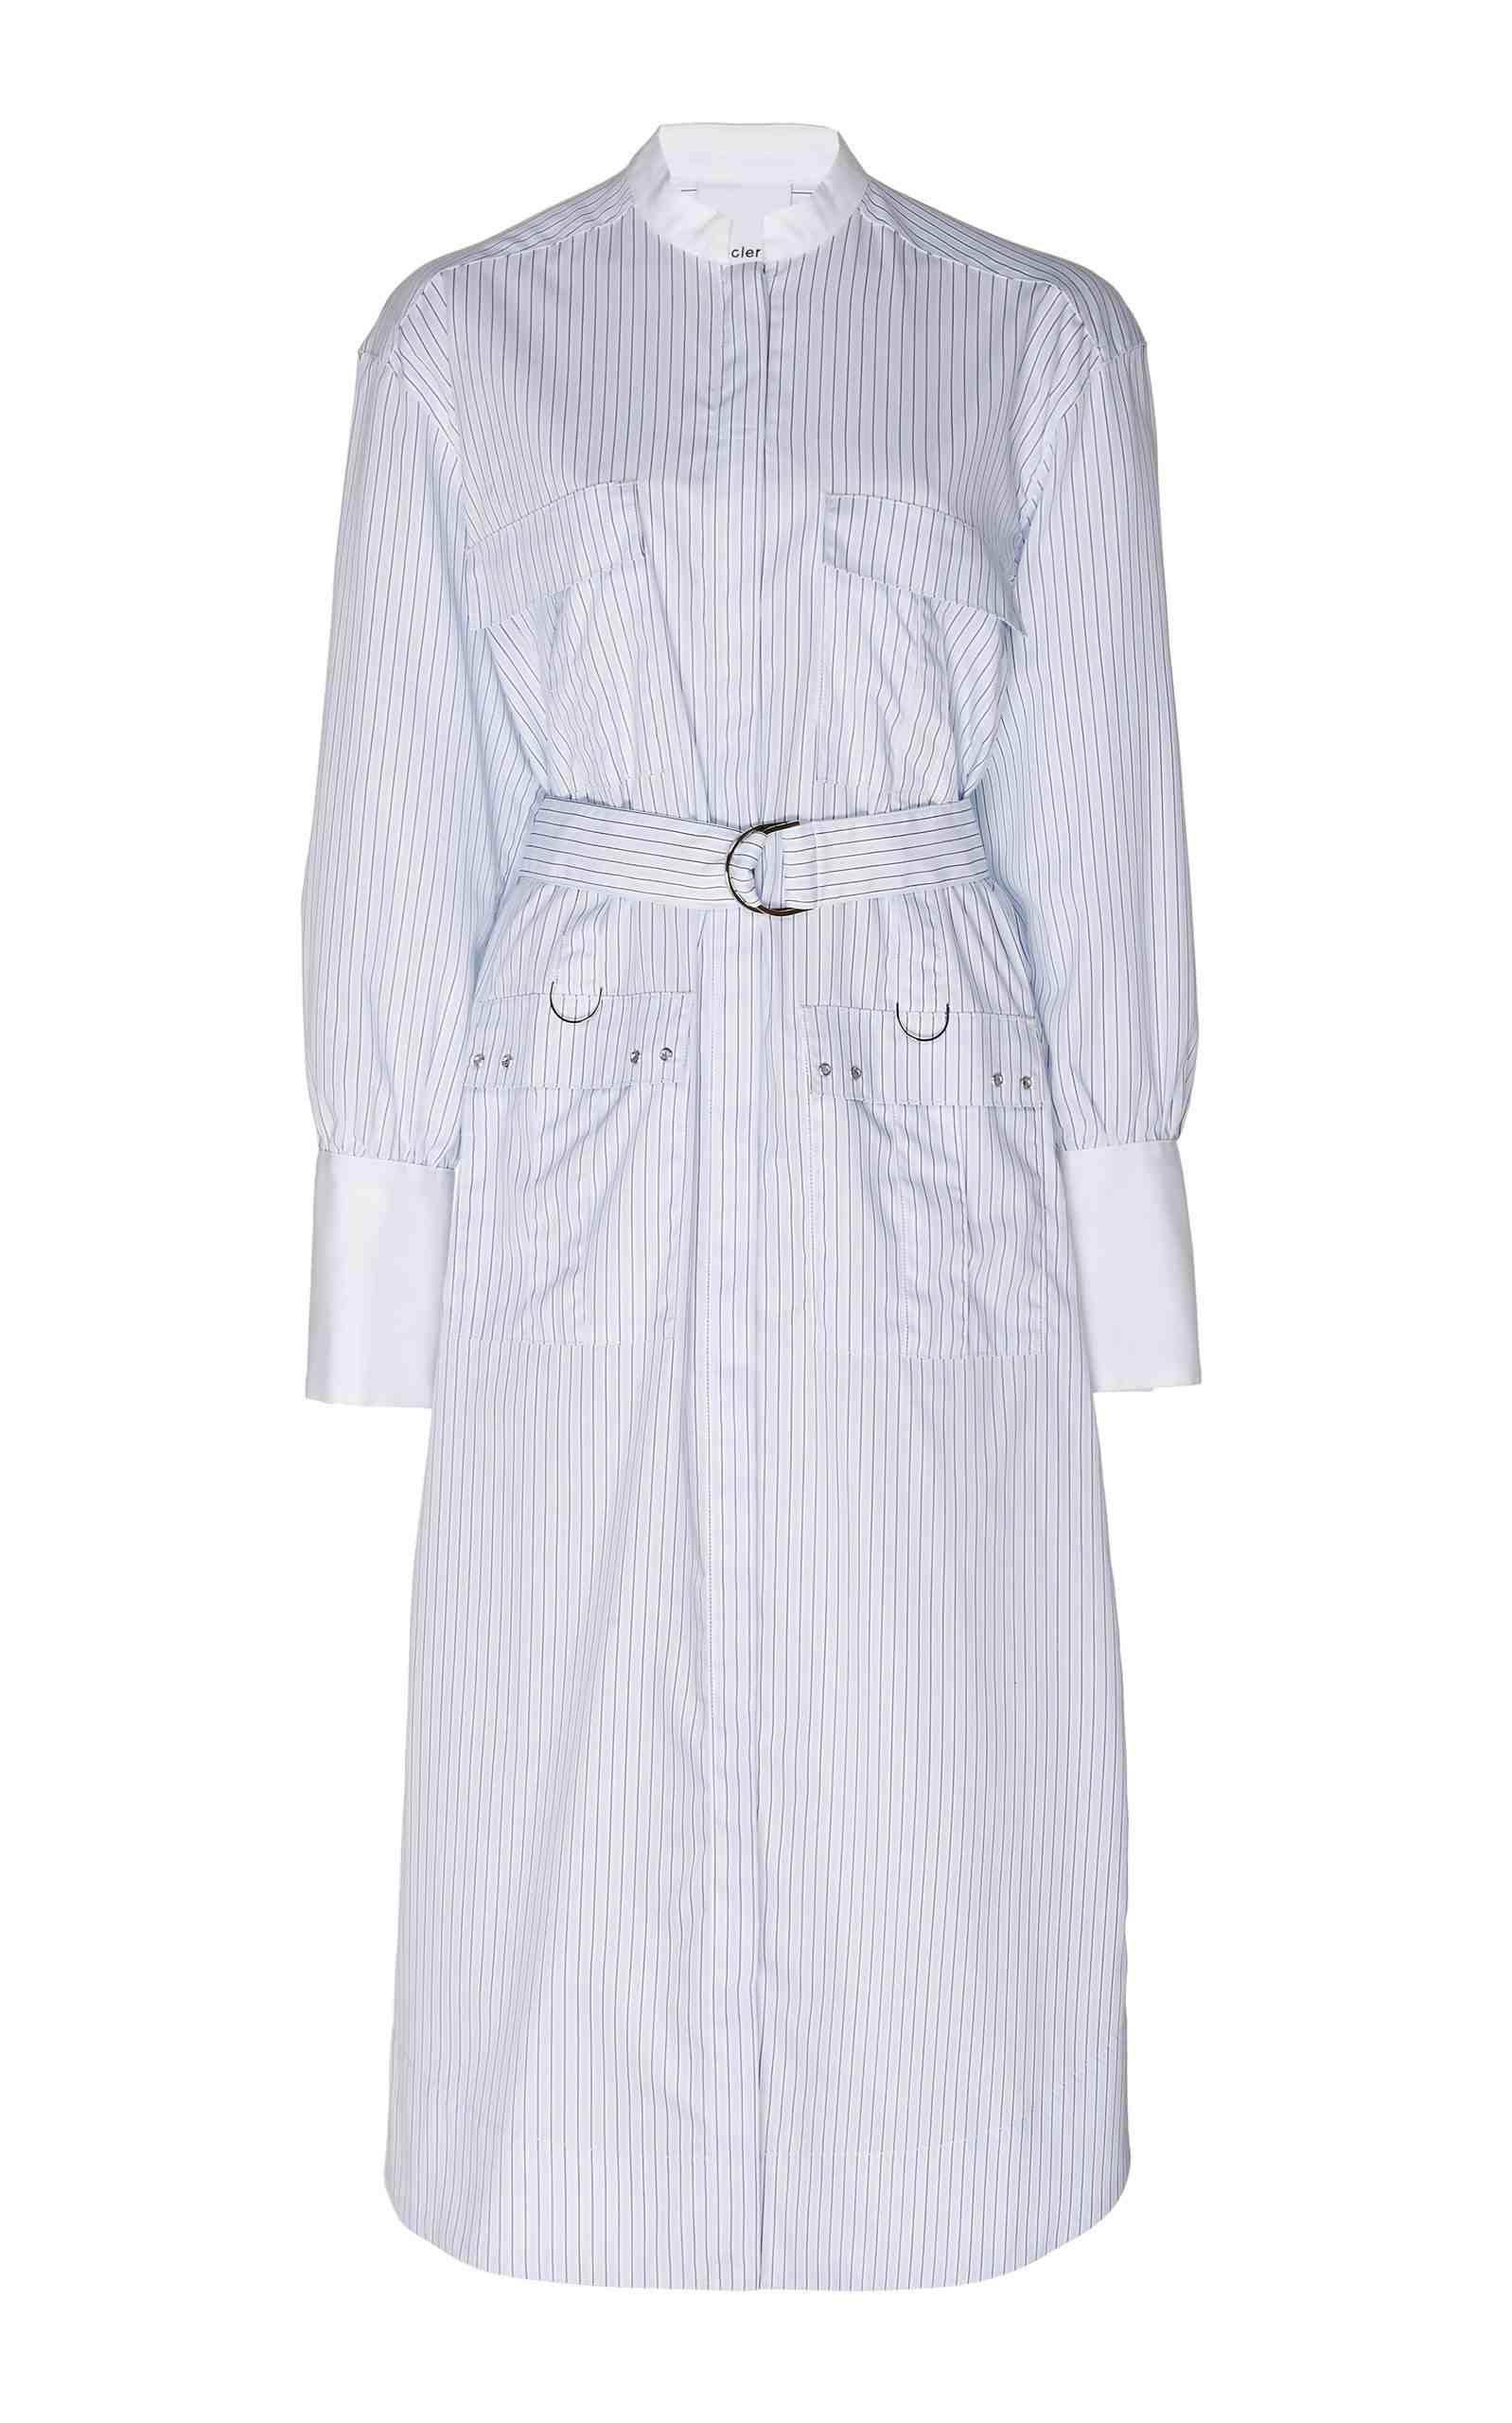 Edwin Belted Shirt Dress